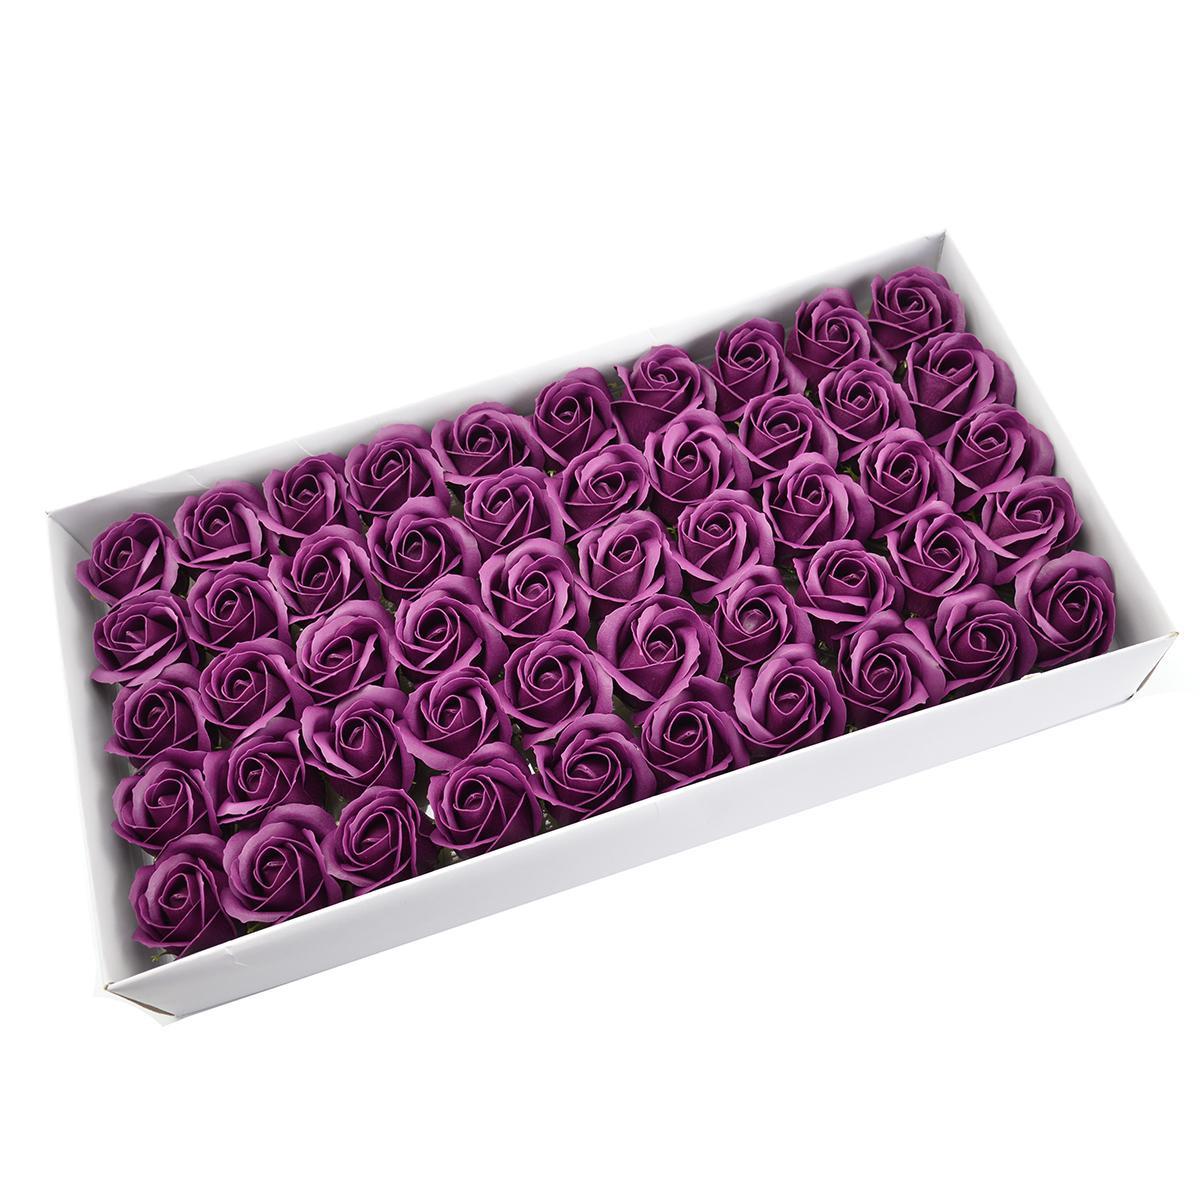 Juego de 50 rosas de jabón aromáticas, toque real, marsalla